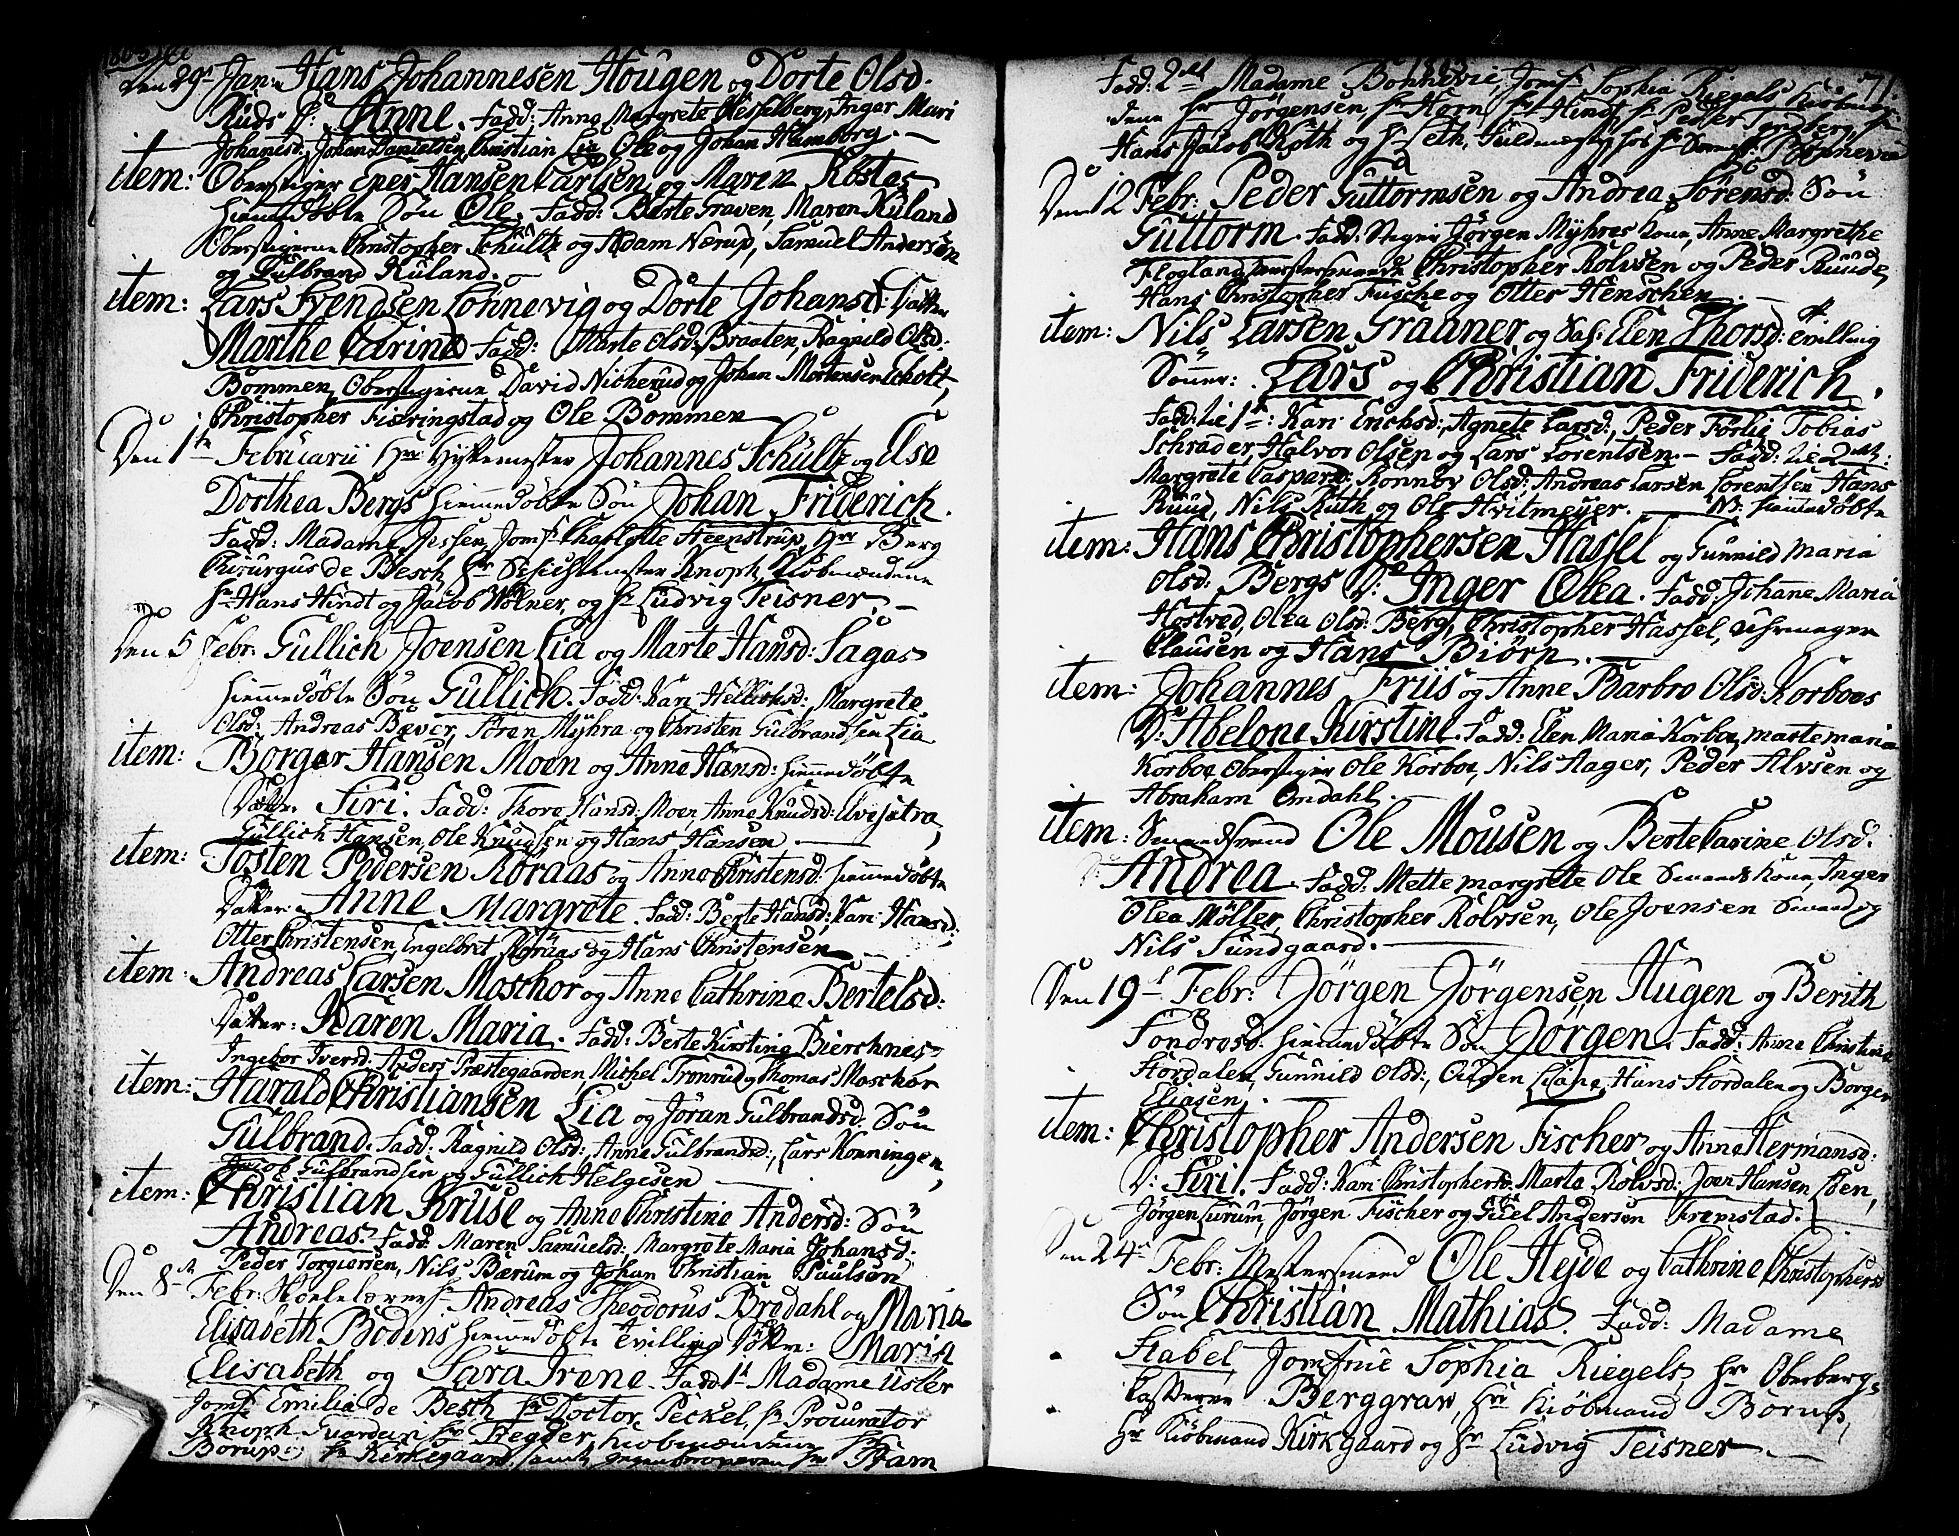 SAKO, Kongsberg kirkebøker, F/Fa/L0007: Ministerialbok nr. I 7, 1795-1816, s. 71